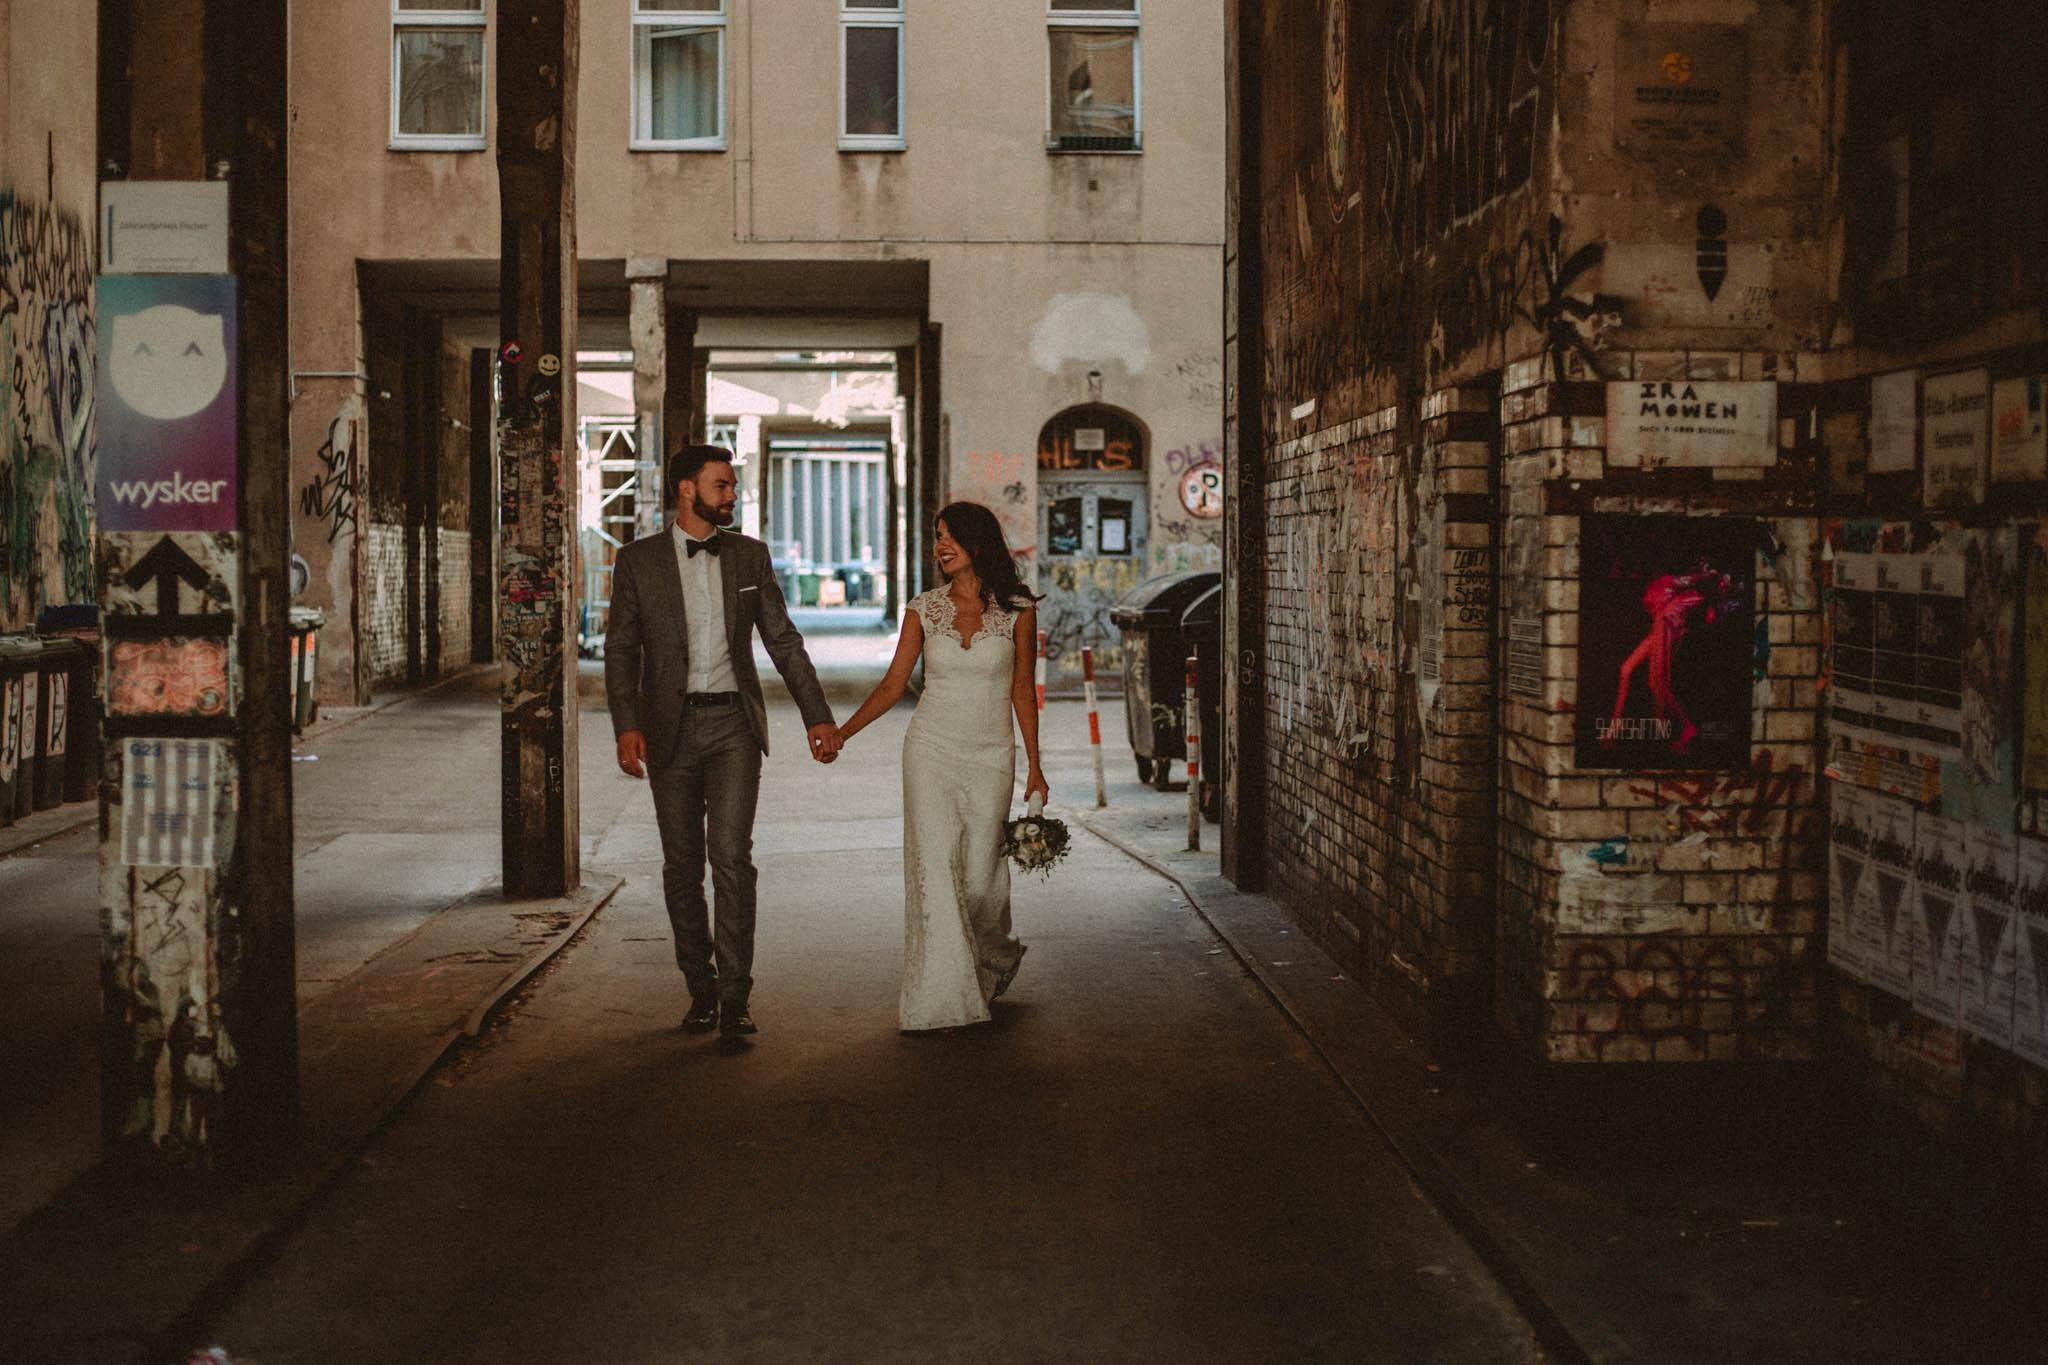 Hochzeit_in_Fabrik23_nhow_7767